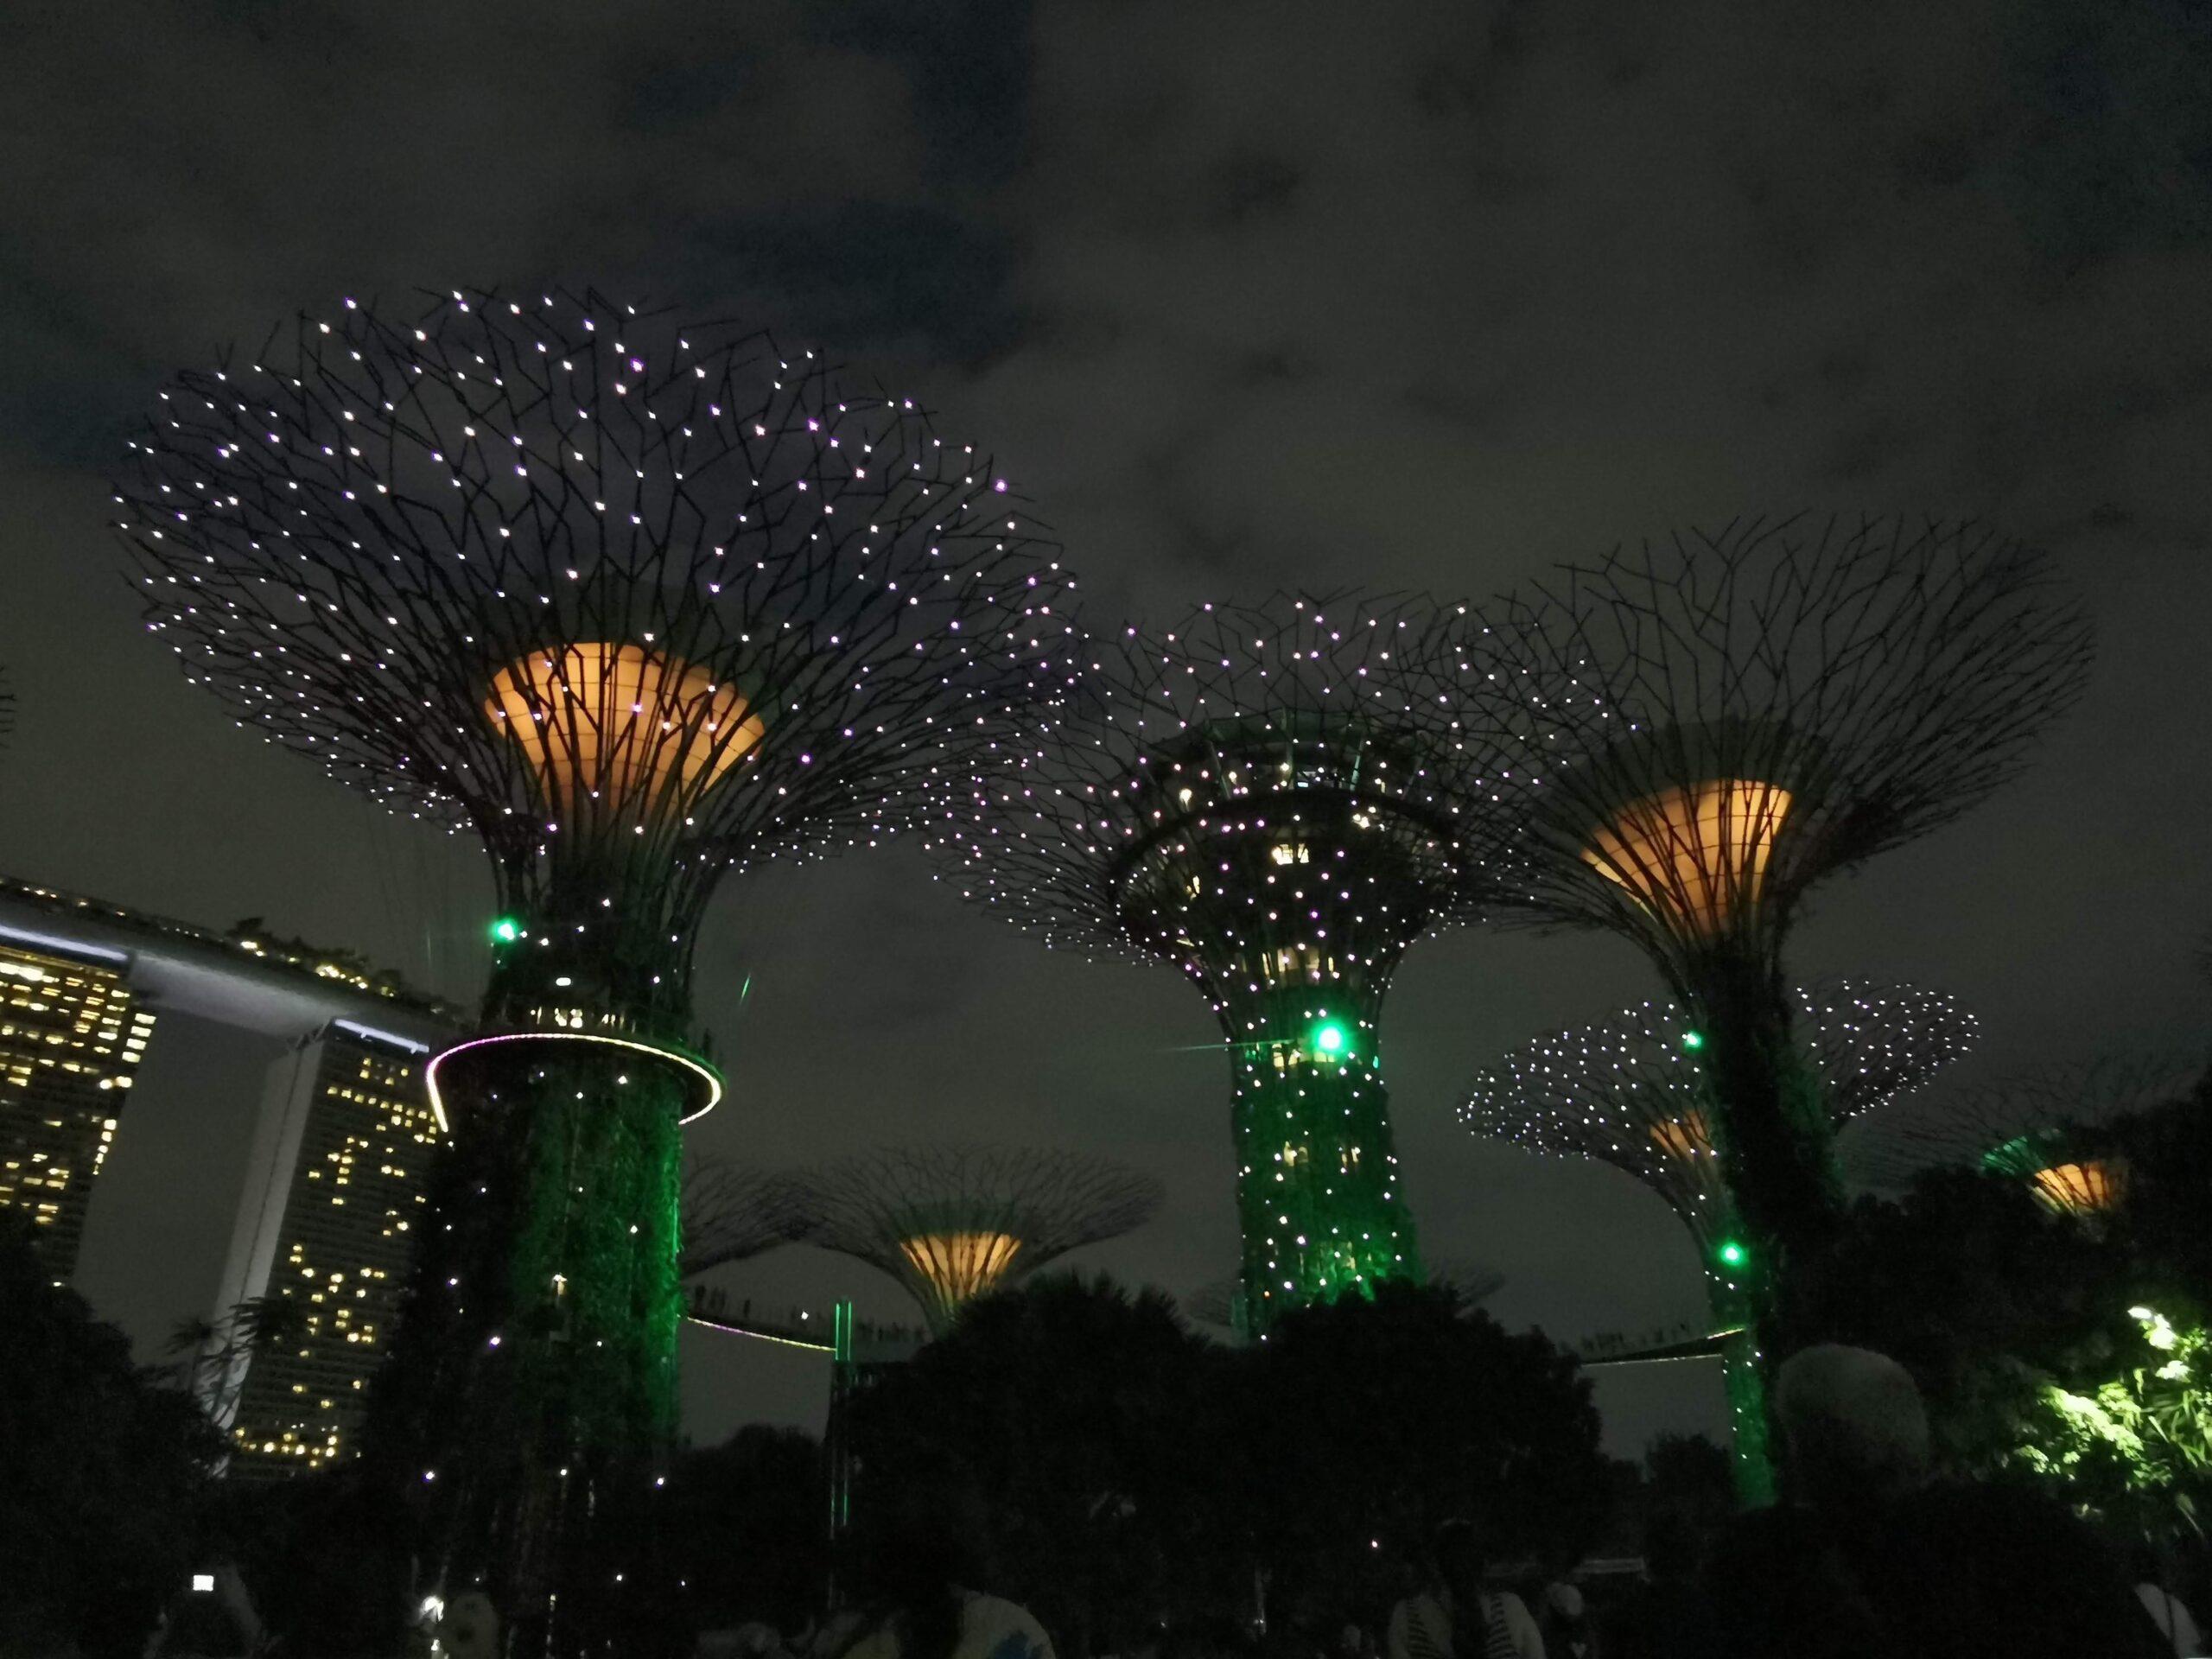 Sepktakl swiatla w Singapurze